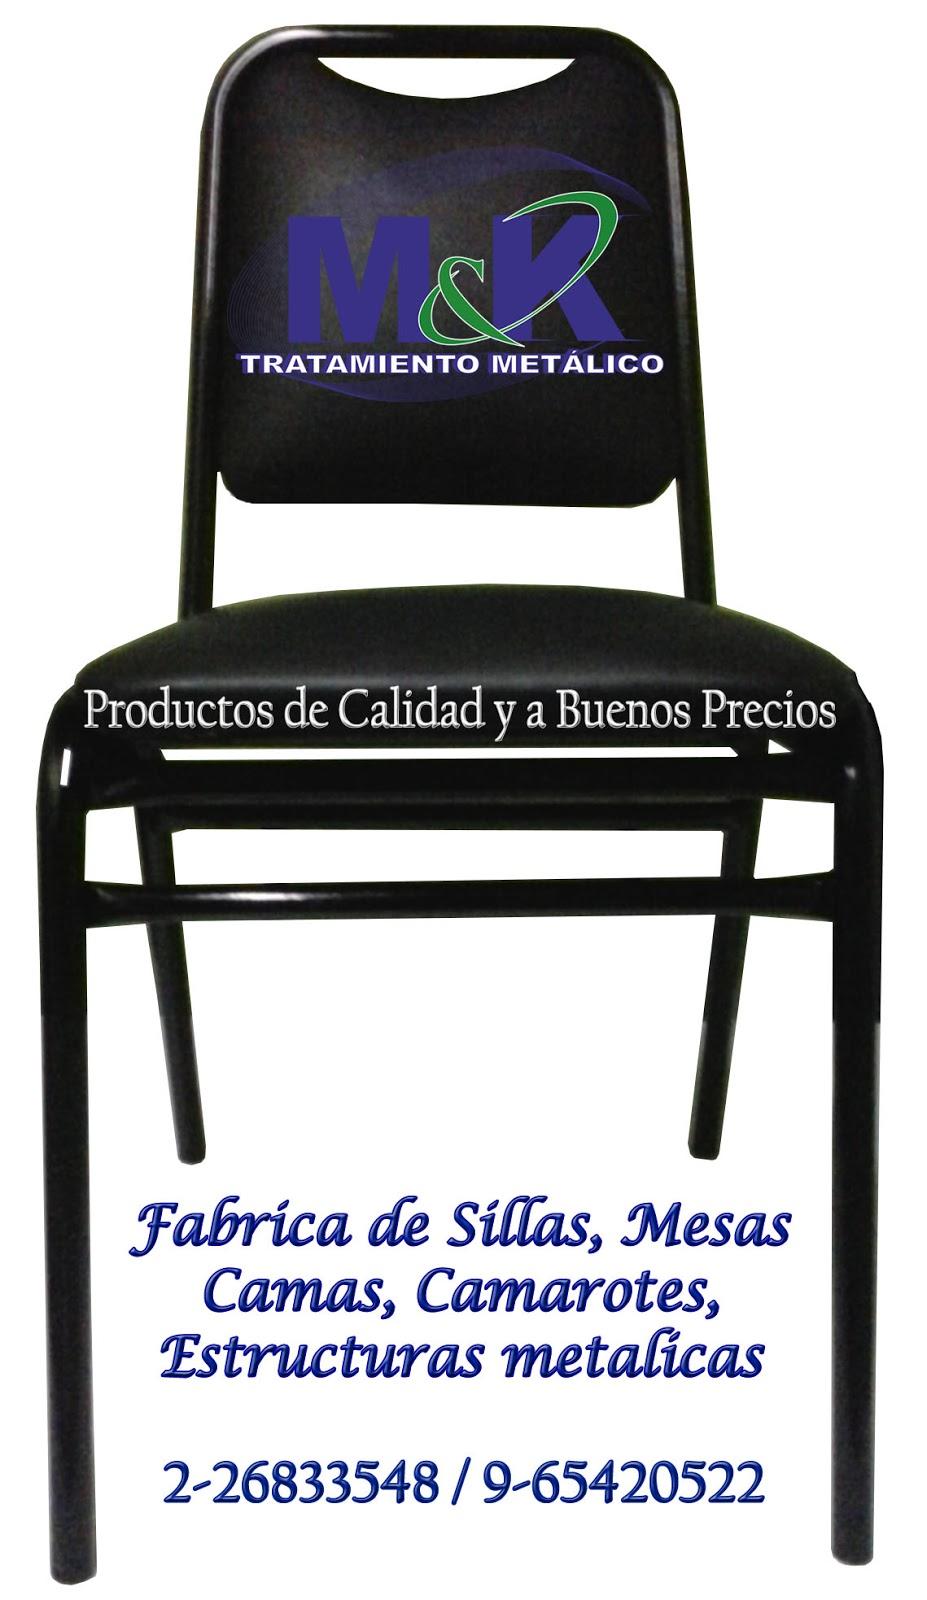 Sillas apilables para eventos casinos templos colegios for Fabrica de sillas